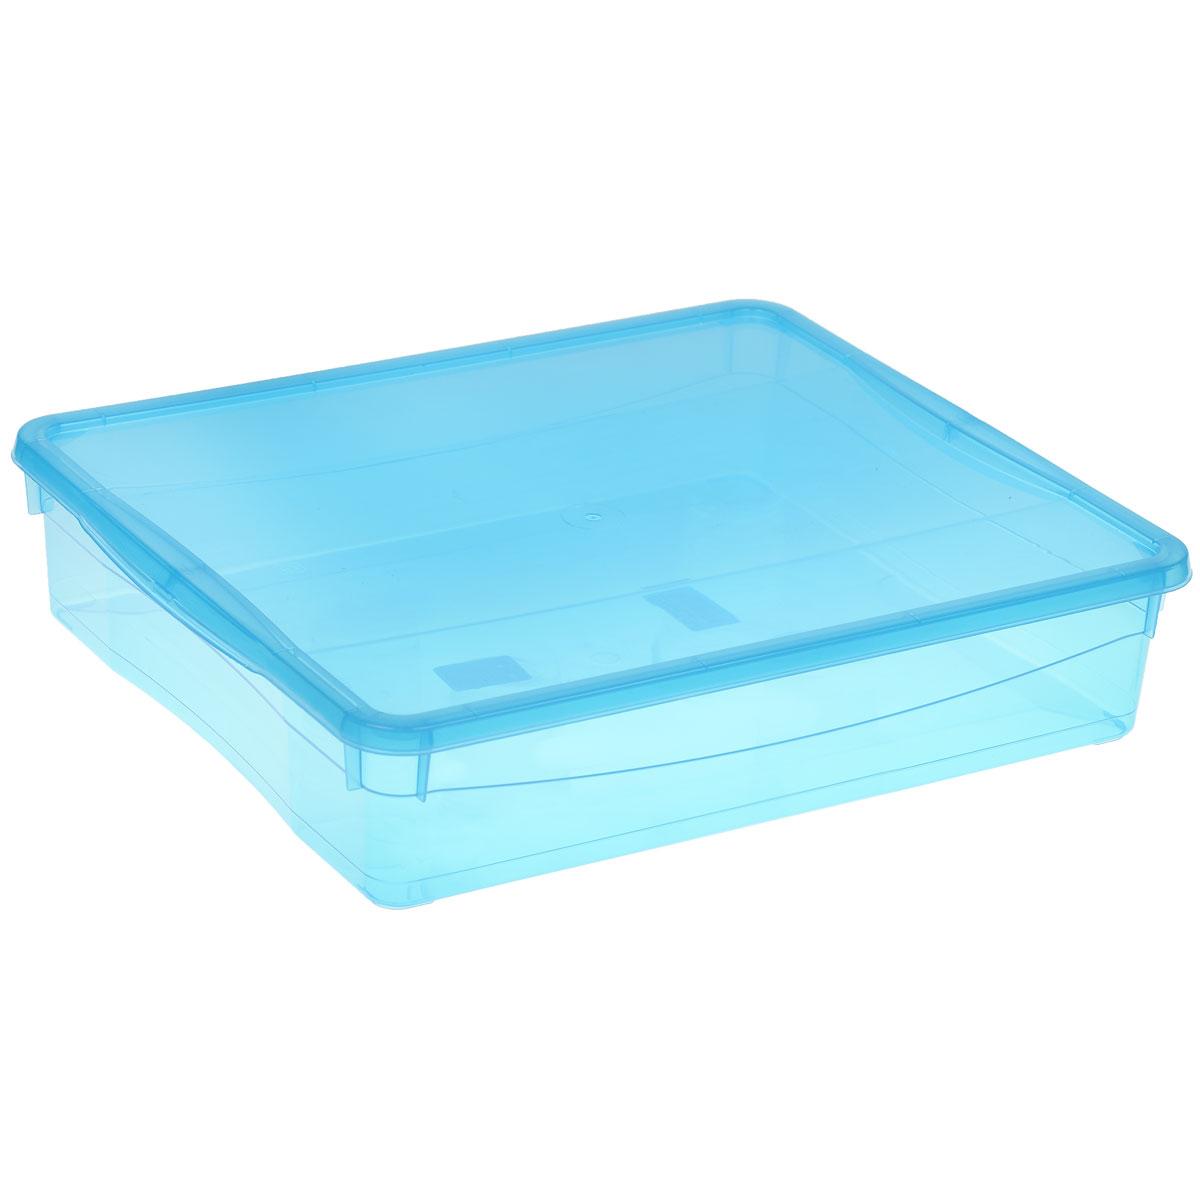 Ящик универсальный Econova Колор стайл с крышкой, цвет: голубой, 9 л ящик универсальный бытпласт колор стайл с крышкой цвет красный 18 л